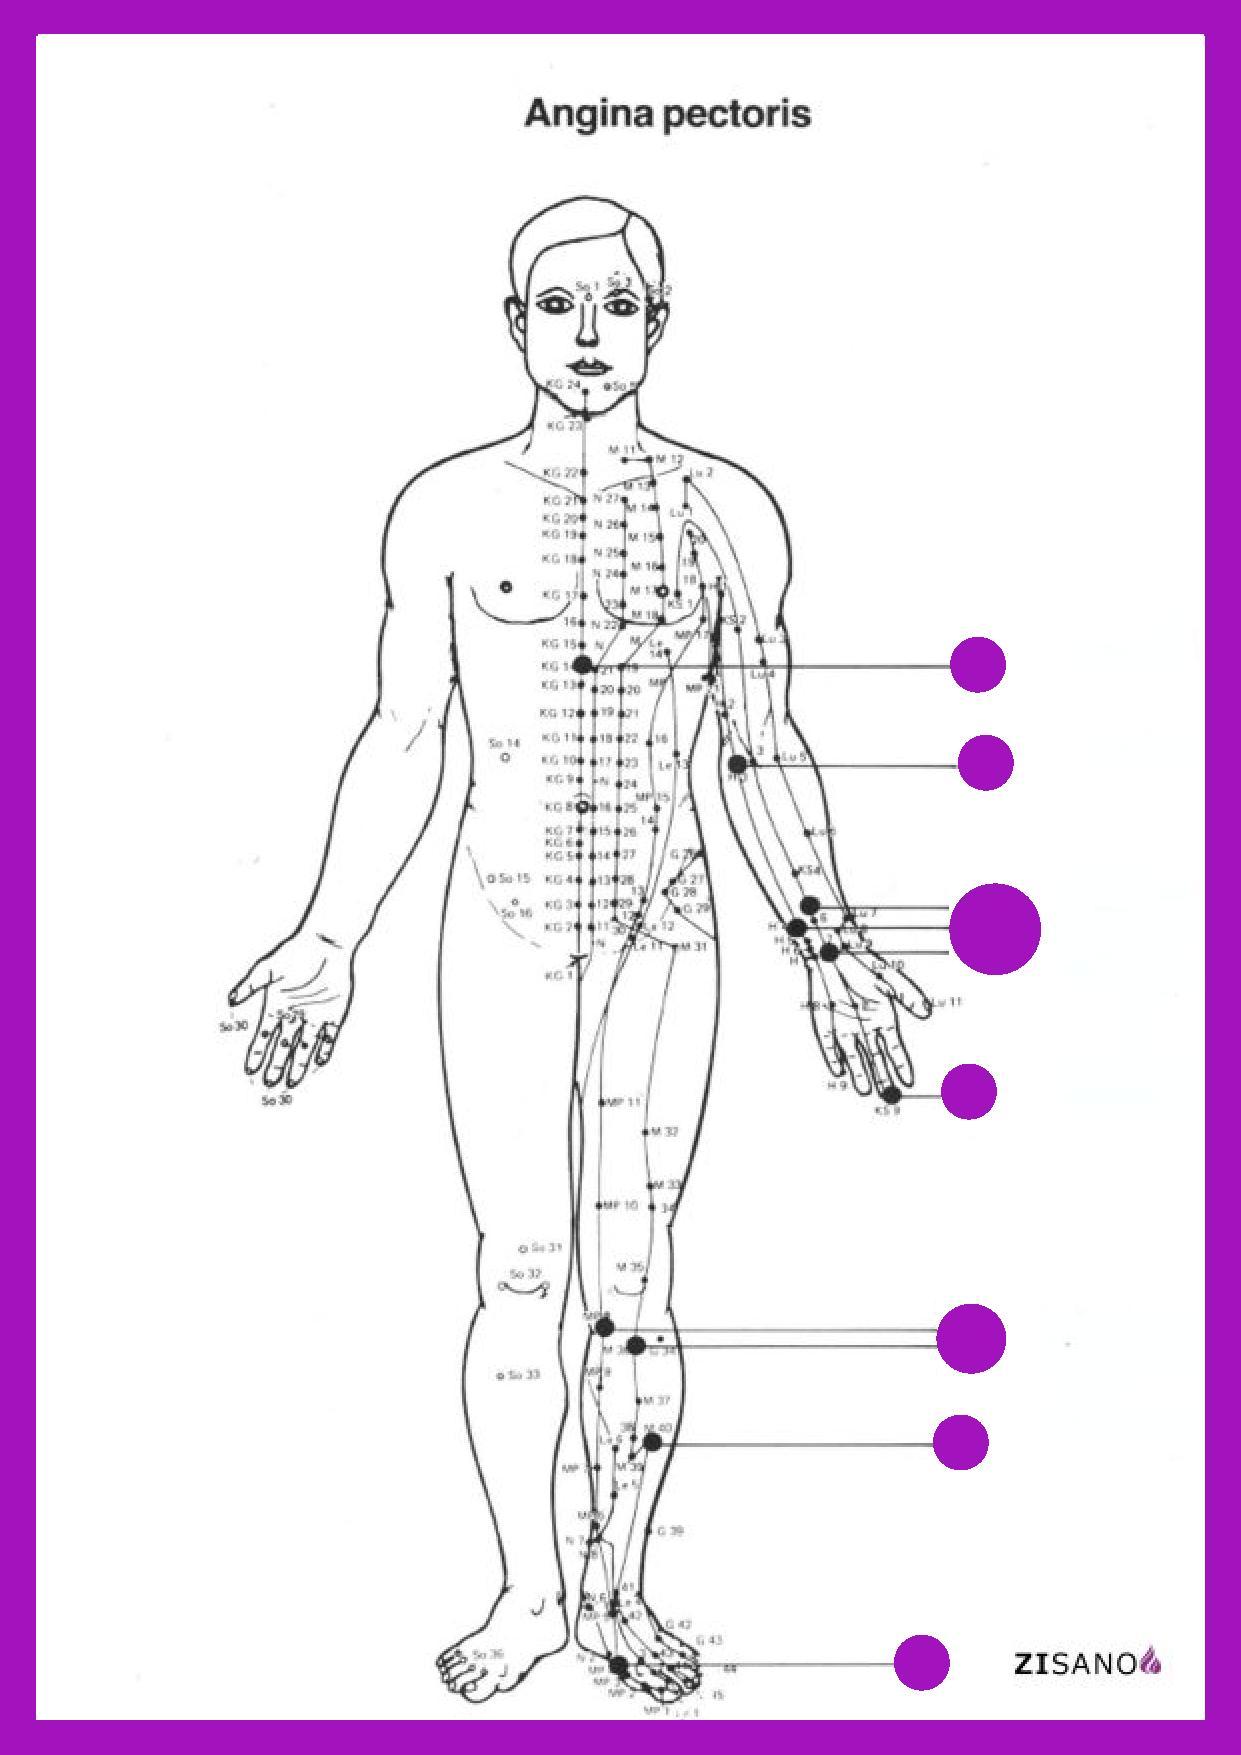 Meridiane - Angina pectoris - Behandlung